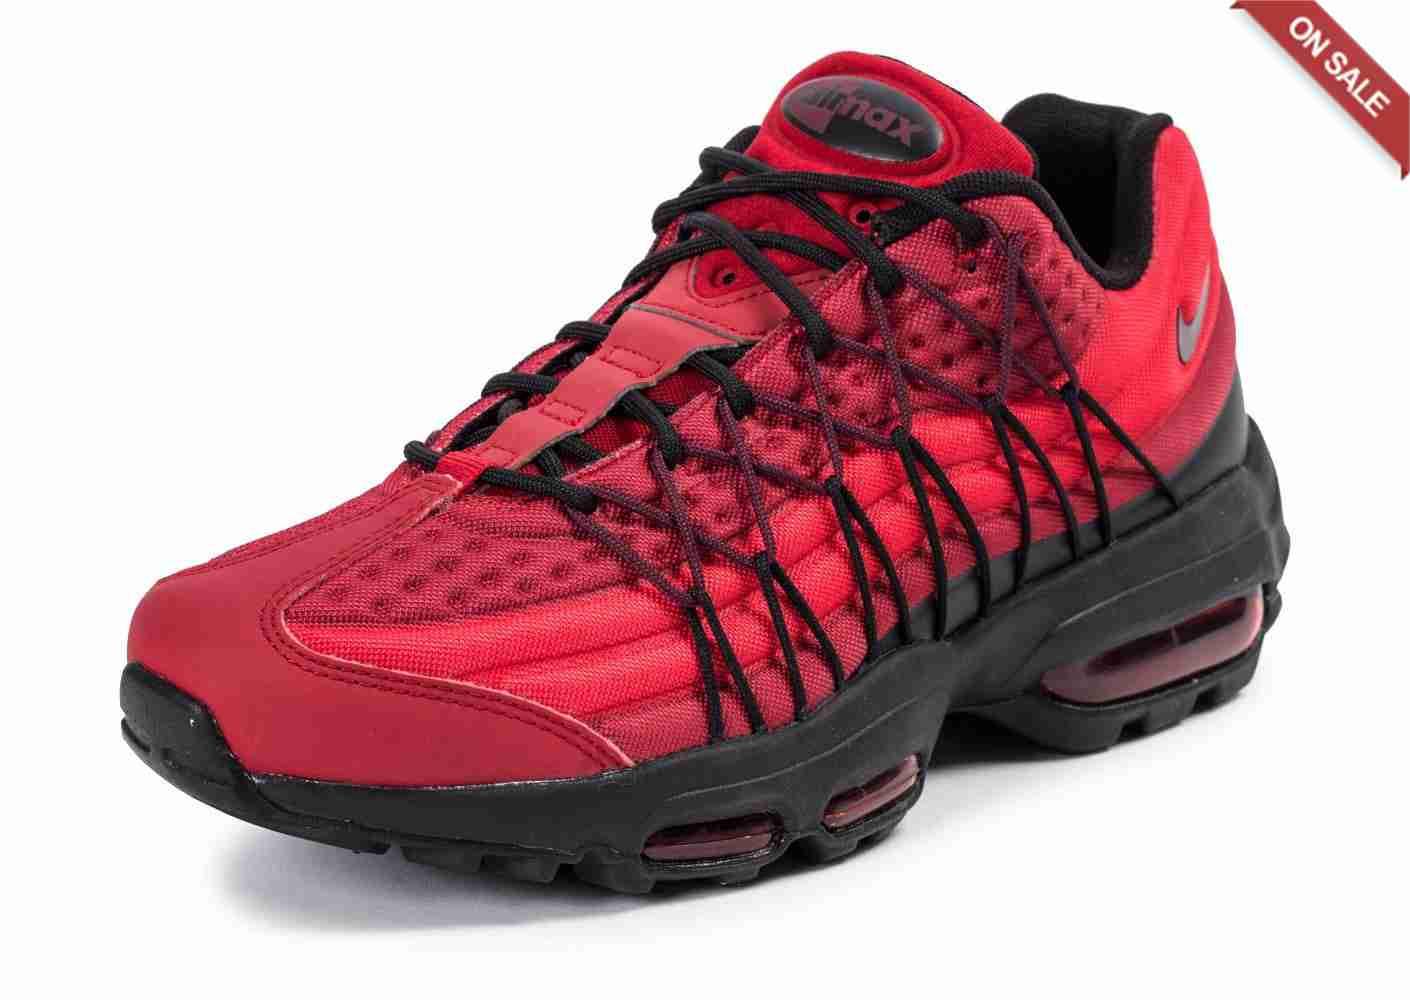 super cute a7b7b 3a905 Prix de gros air max 95 ultra rouge et noir France vente en ligne, toutes  les gammes de chaussures Nike pour hommes et femmes outlet pas cher.